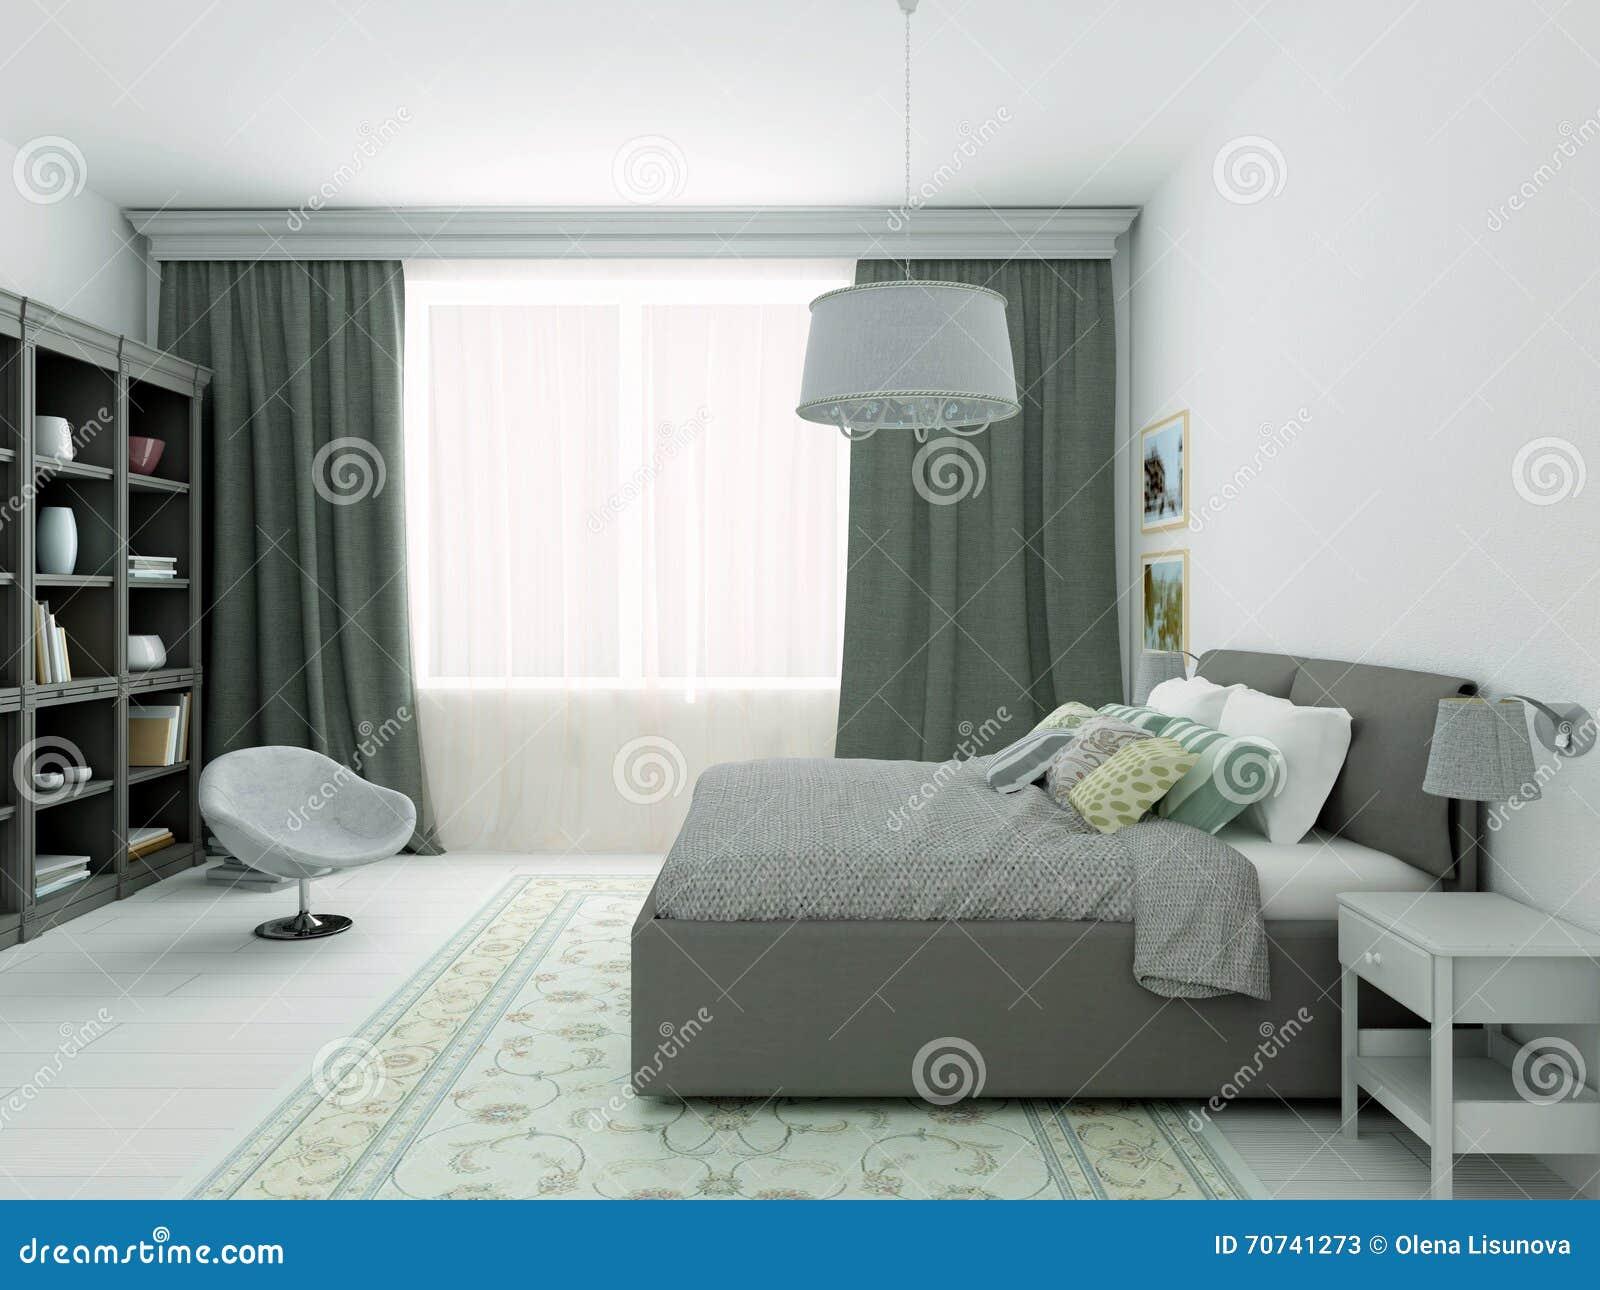 Slaapkamer Kleuren Grijs : 3d illustratie van klassieke slaapkamer in grijze kleuren stock